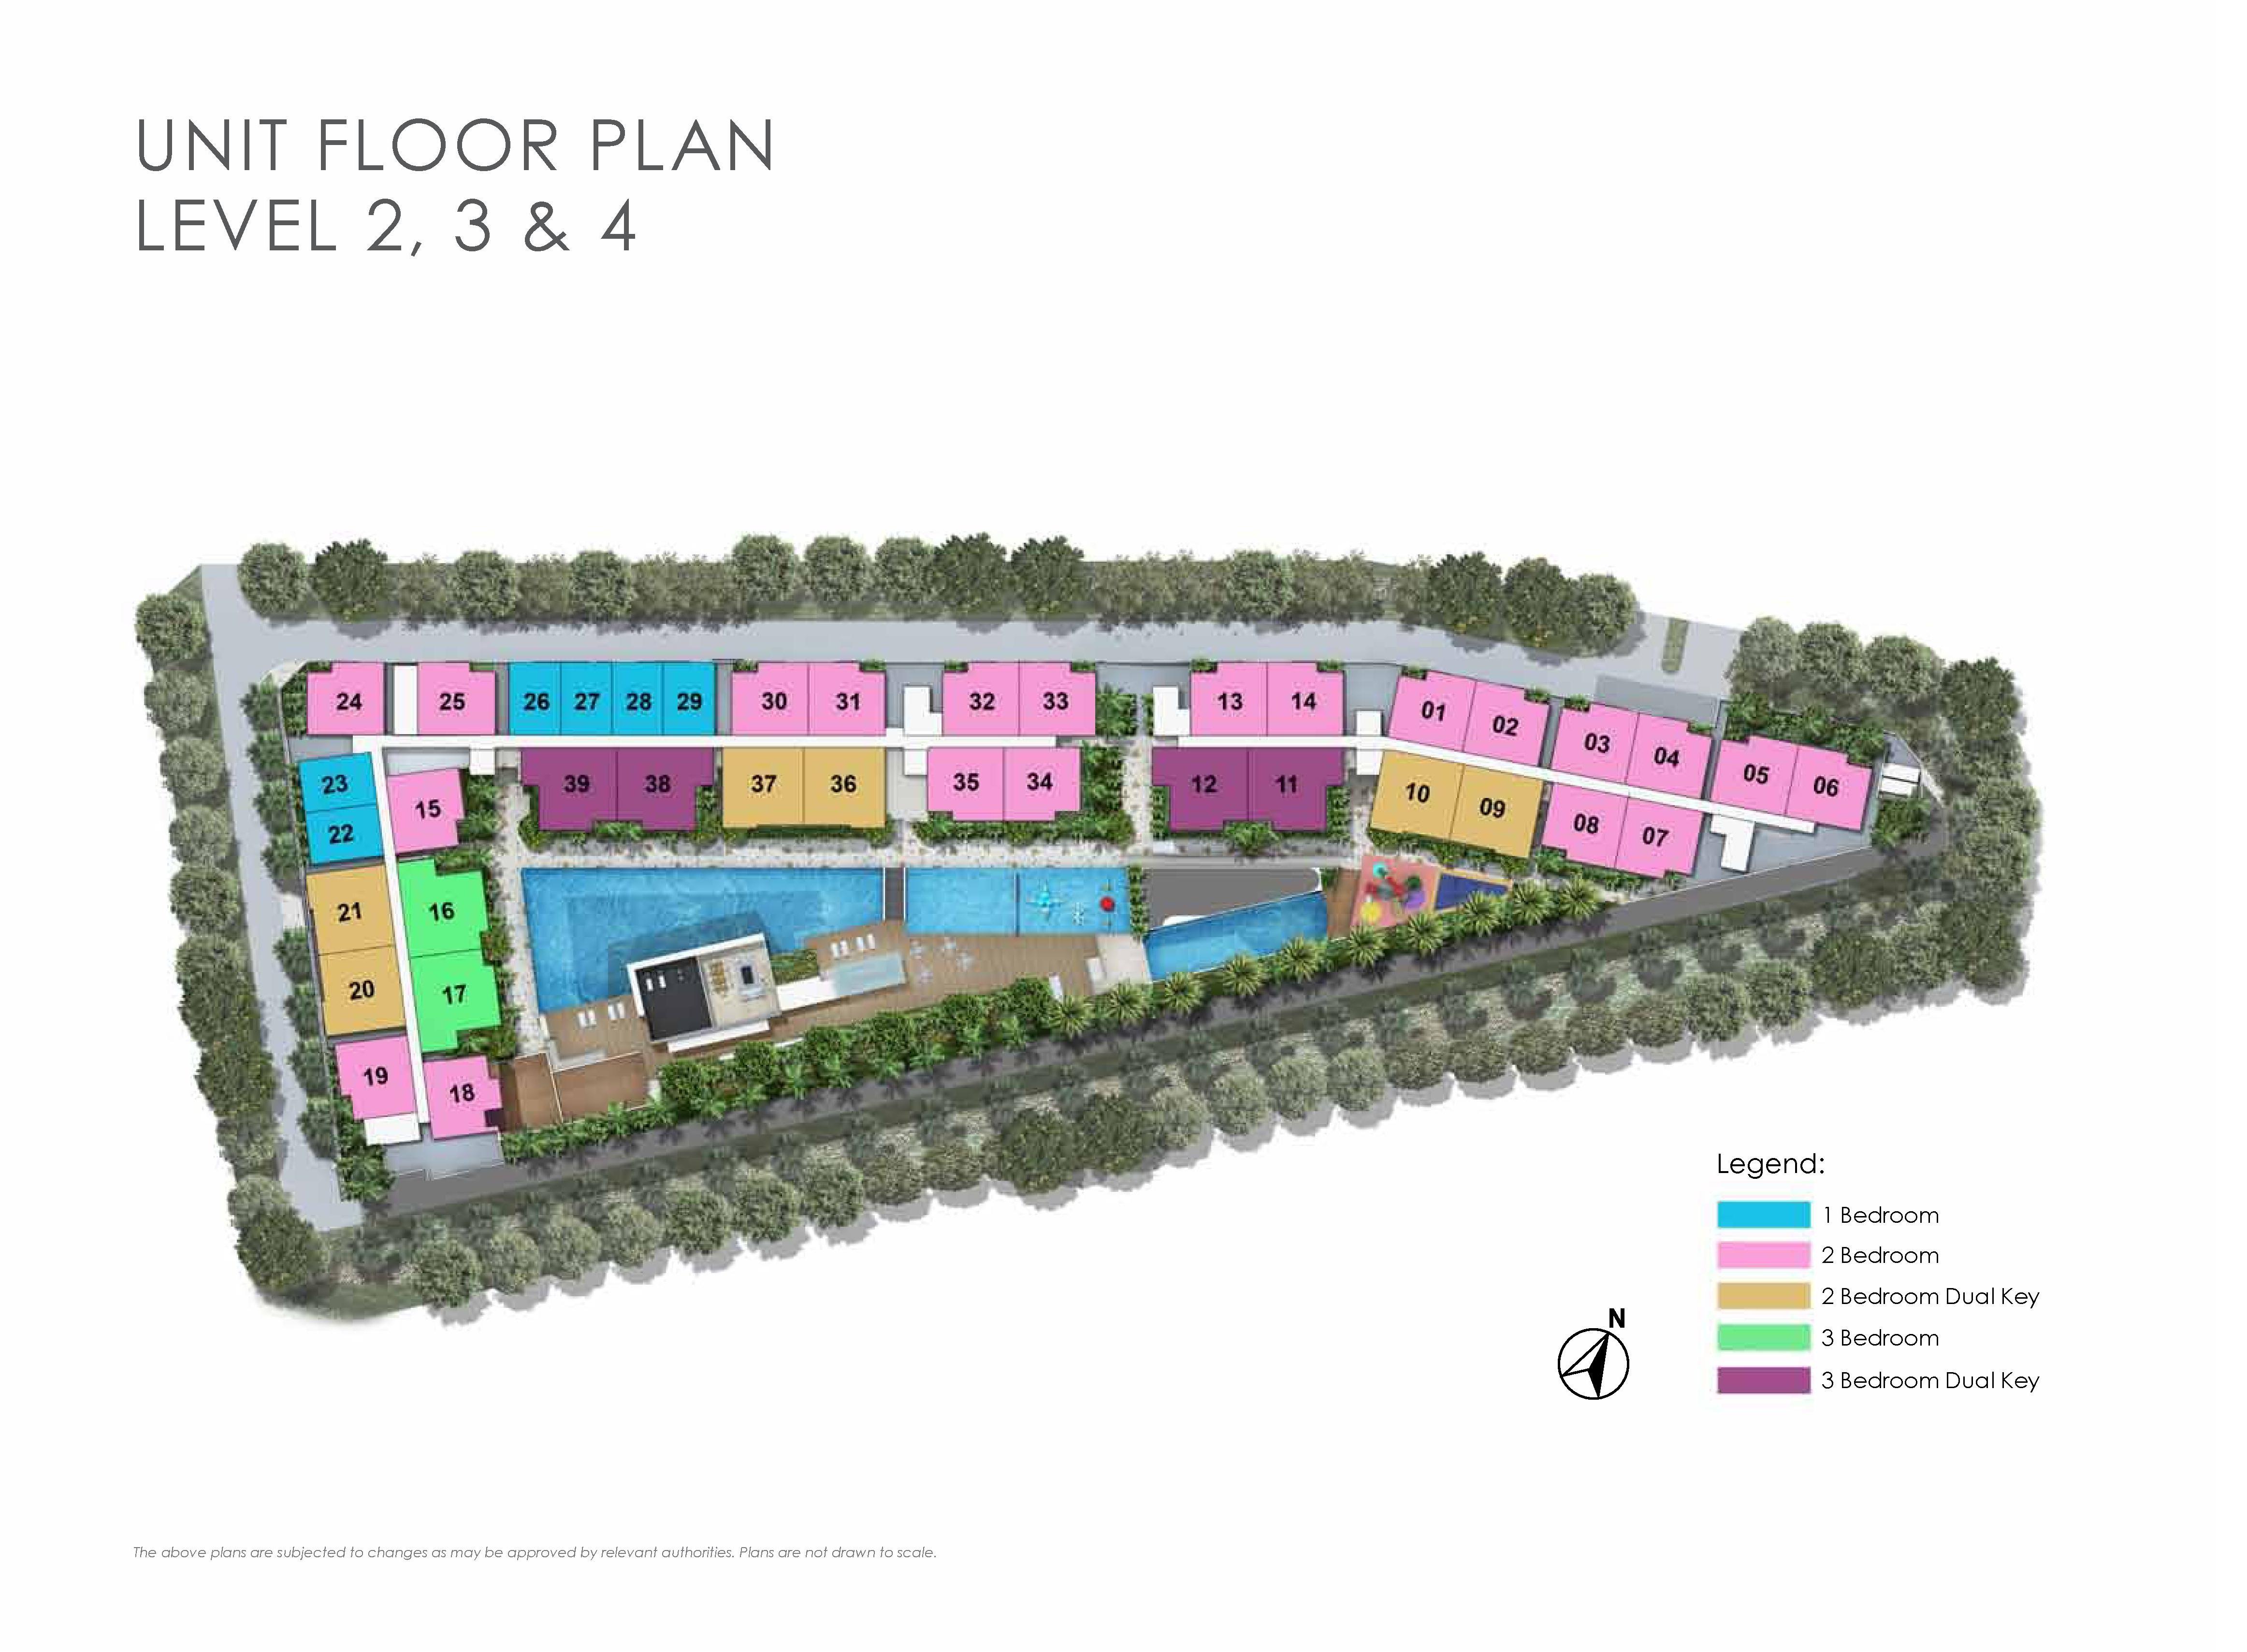 Kensington Square Unit Floor Plan Site Map